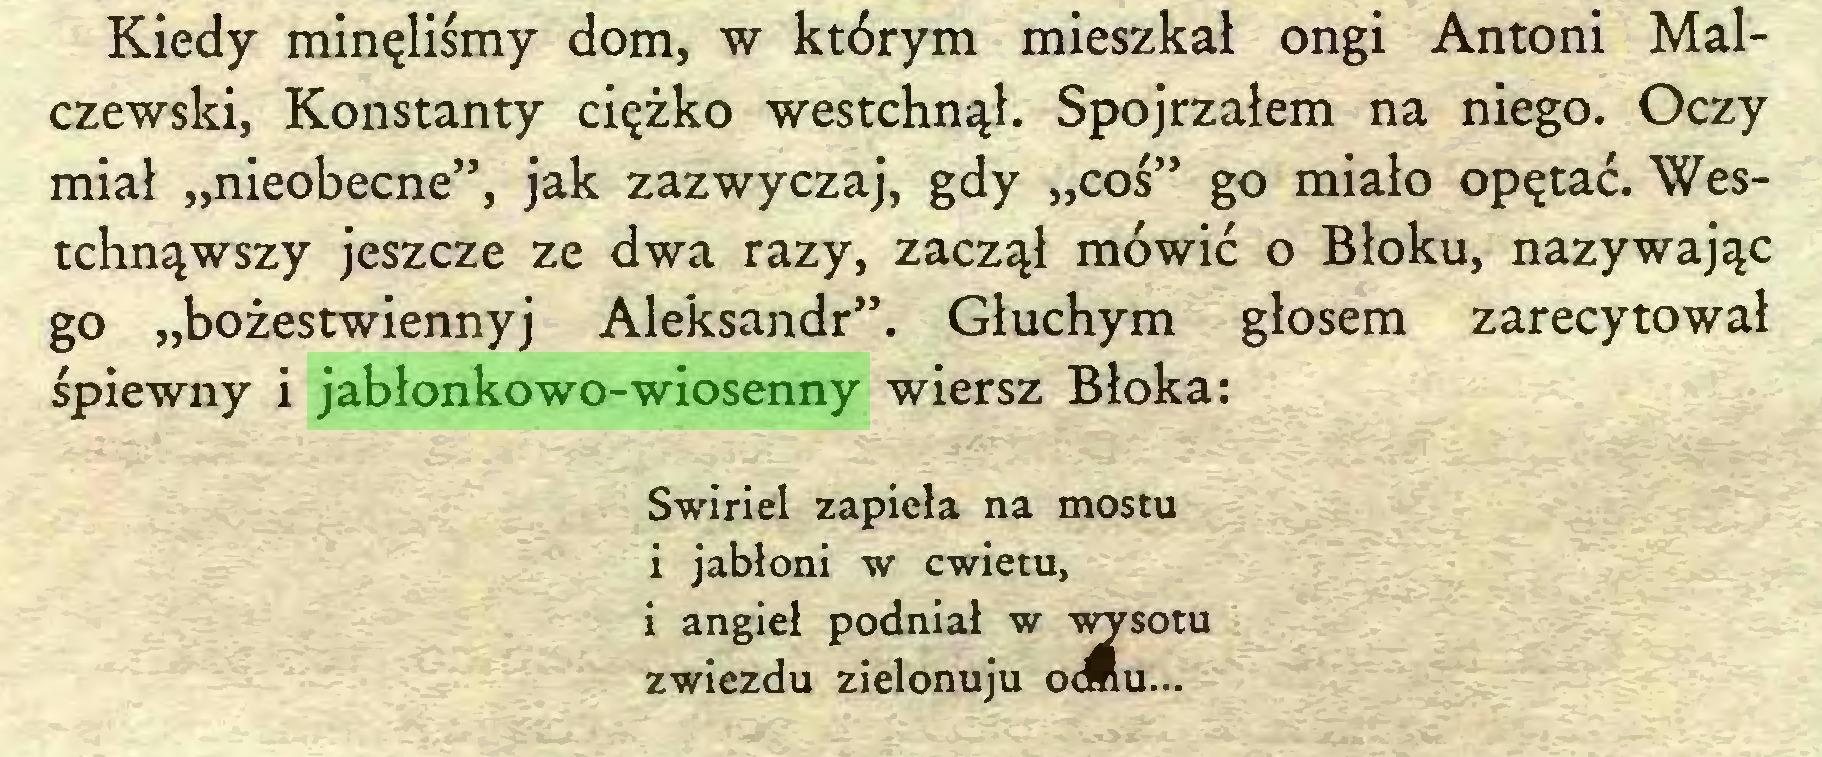 """(...) Kiedy minęliśmy dom, w którym mieszkał ongi Antoni Malczewski, Konstanty ciężko westchnął. Spojrzałem na niego. Oczy miał """"nieobecne"""", jak zazwyczaj, gdy """"coś"""" go miało opętać. Westchnąwszy jeszcze ze dwa razy, zaczął mówić o Błoku, nazywając go """"bożestwiennyj Aleksandr"""". Głuchym głosem zarecytował śpiewny i jabłonkowo-wiosenny wiersz Błoka: Swiriel zapięła na mostu i jabłoni w cwietu, i angieł podniał w wysotu zwiezdu zielonuju o<ttu..."""